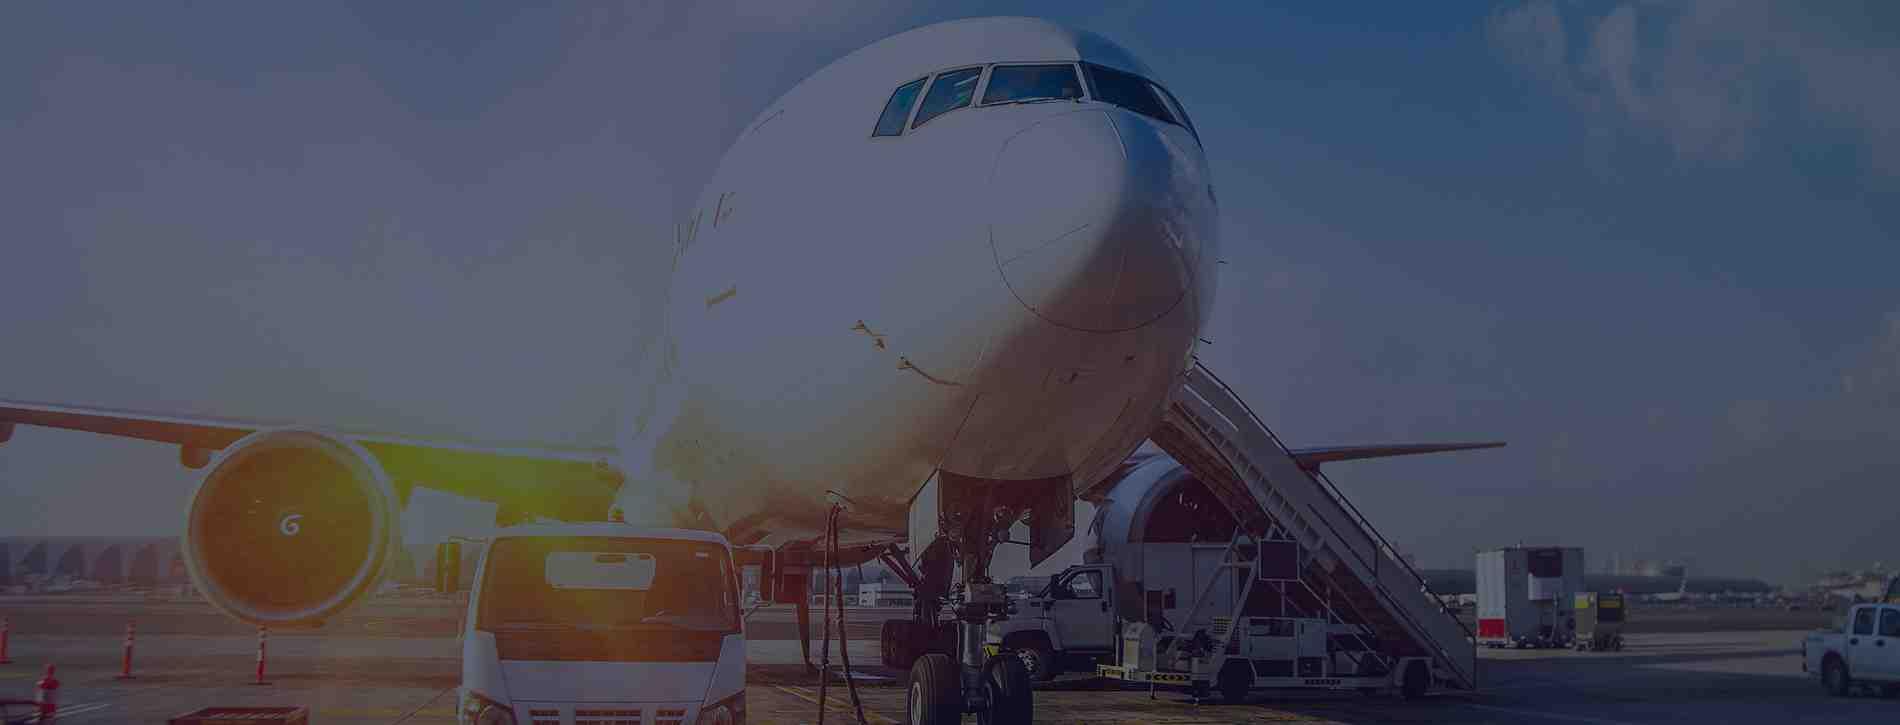 Air Cargo Services Dubai